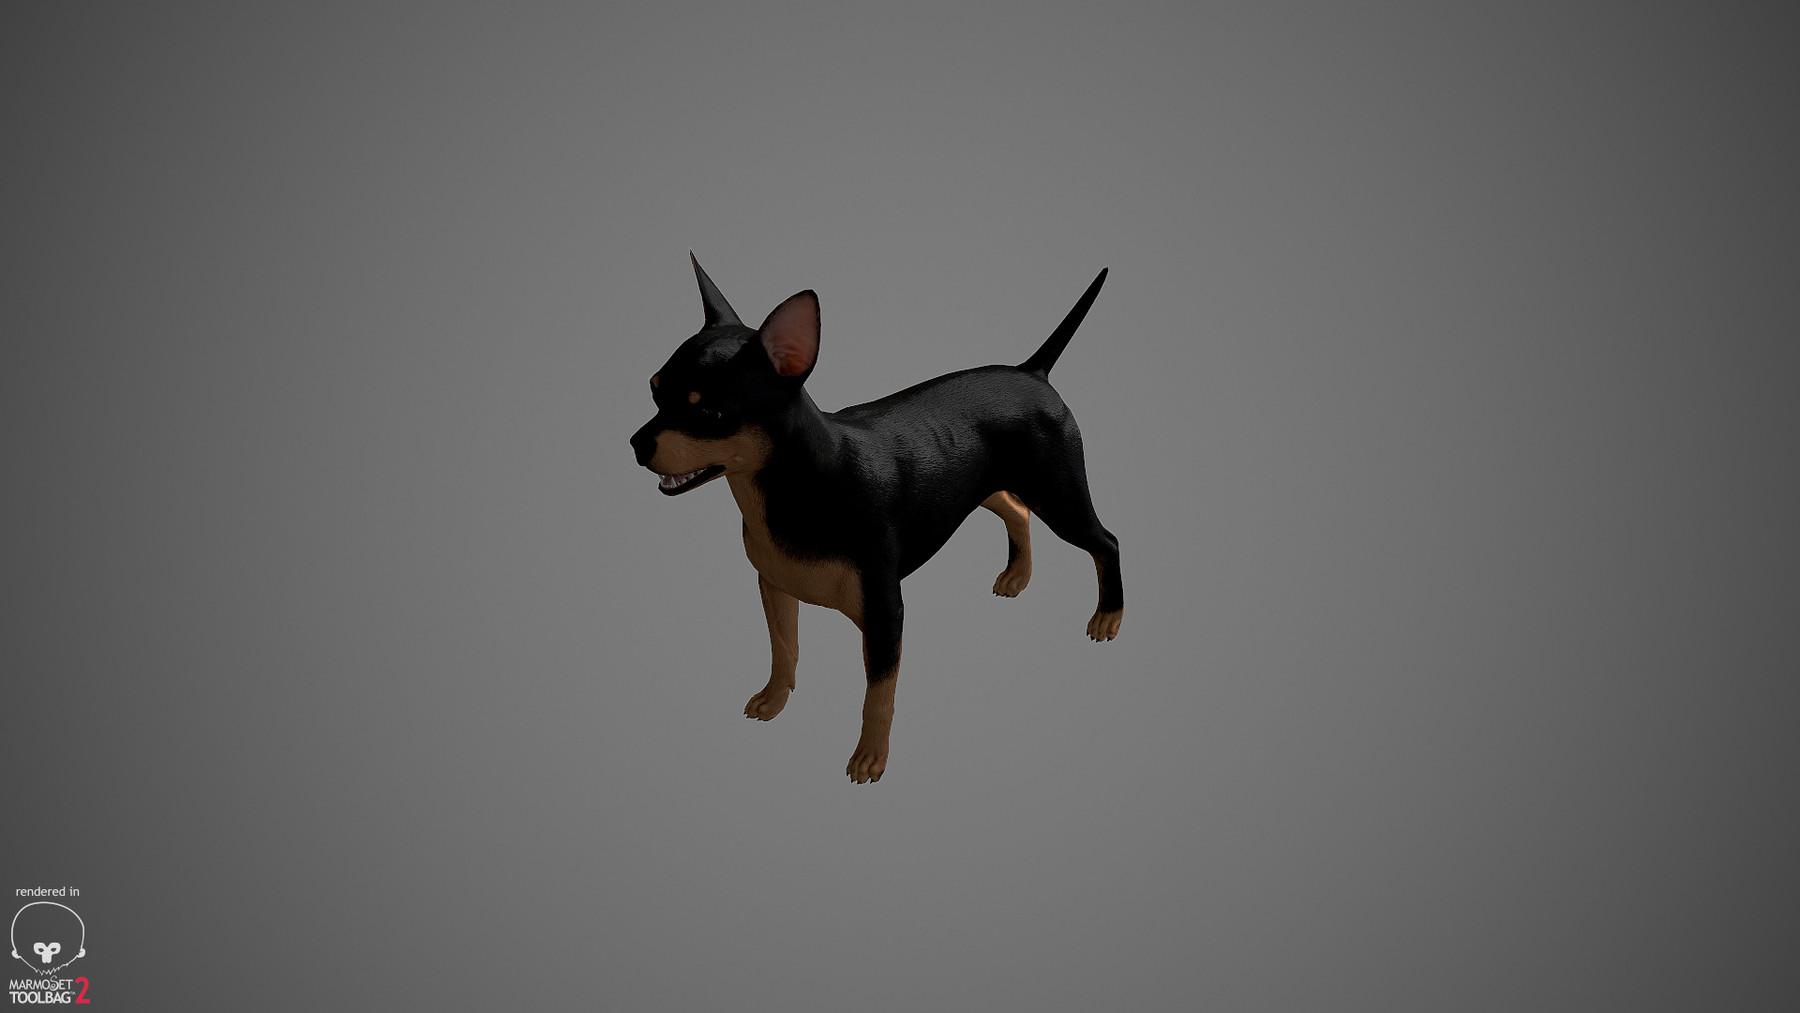 Chihuahua by alexlashko marmoset 29